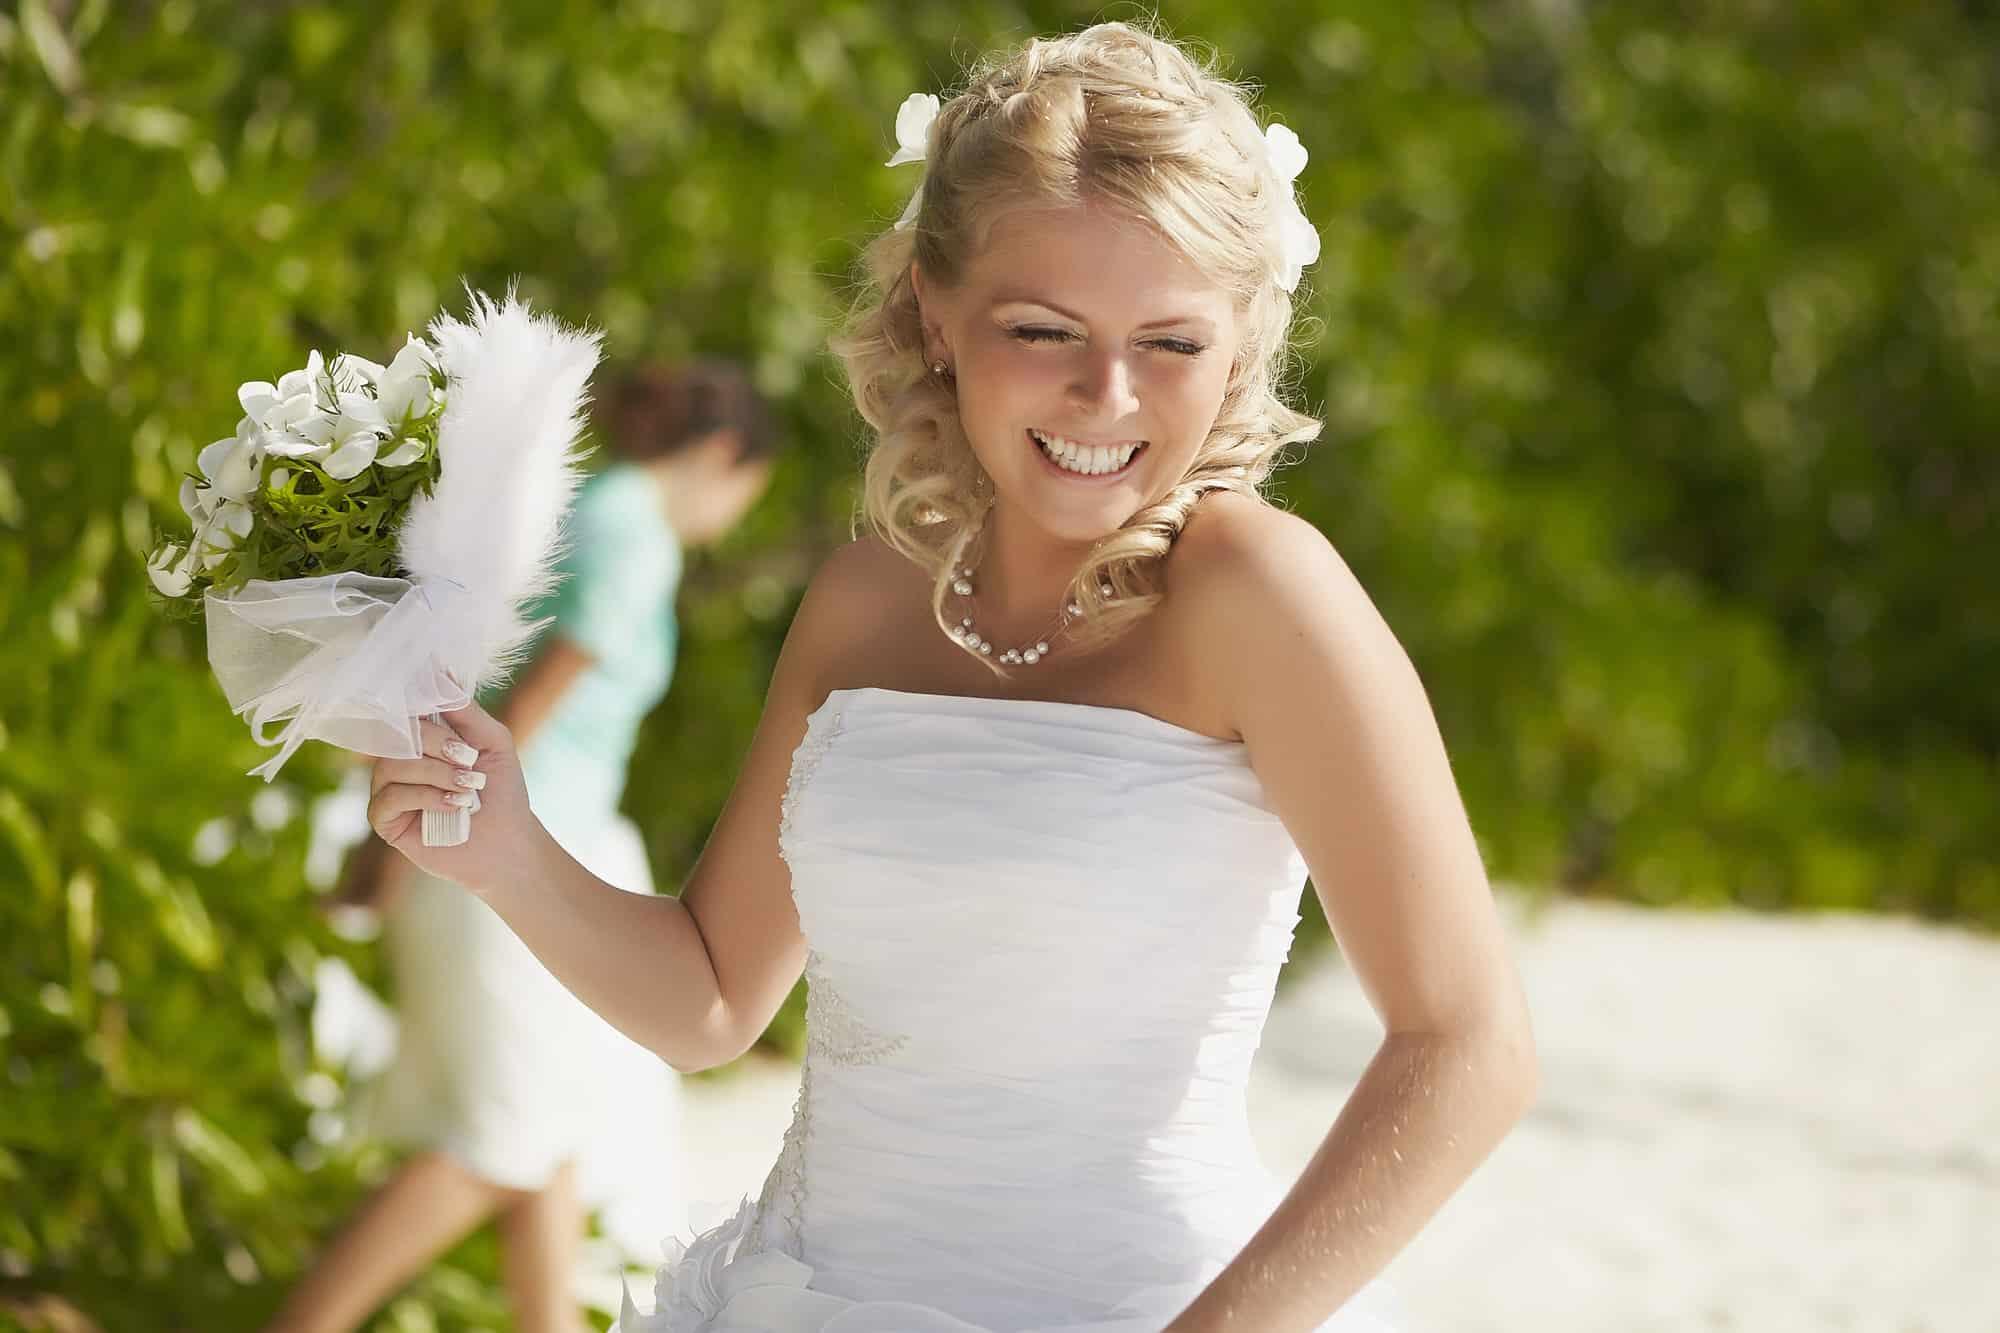 Hochzeit auf Bild verewigen: So werden die Ablichtungen perfekt